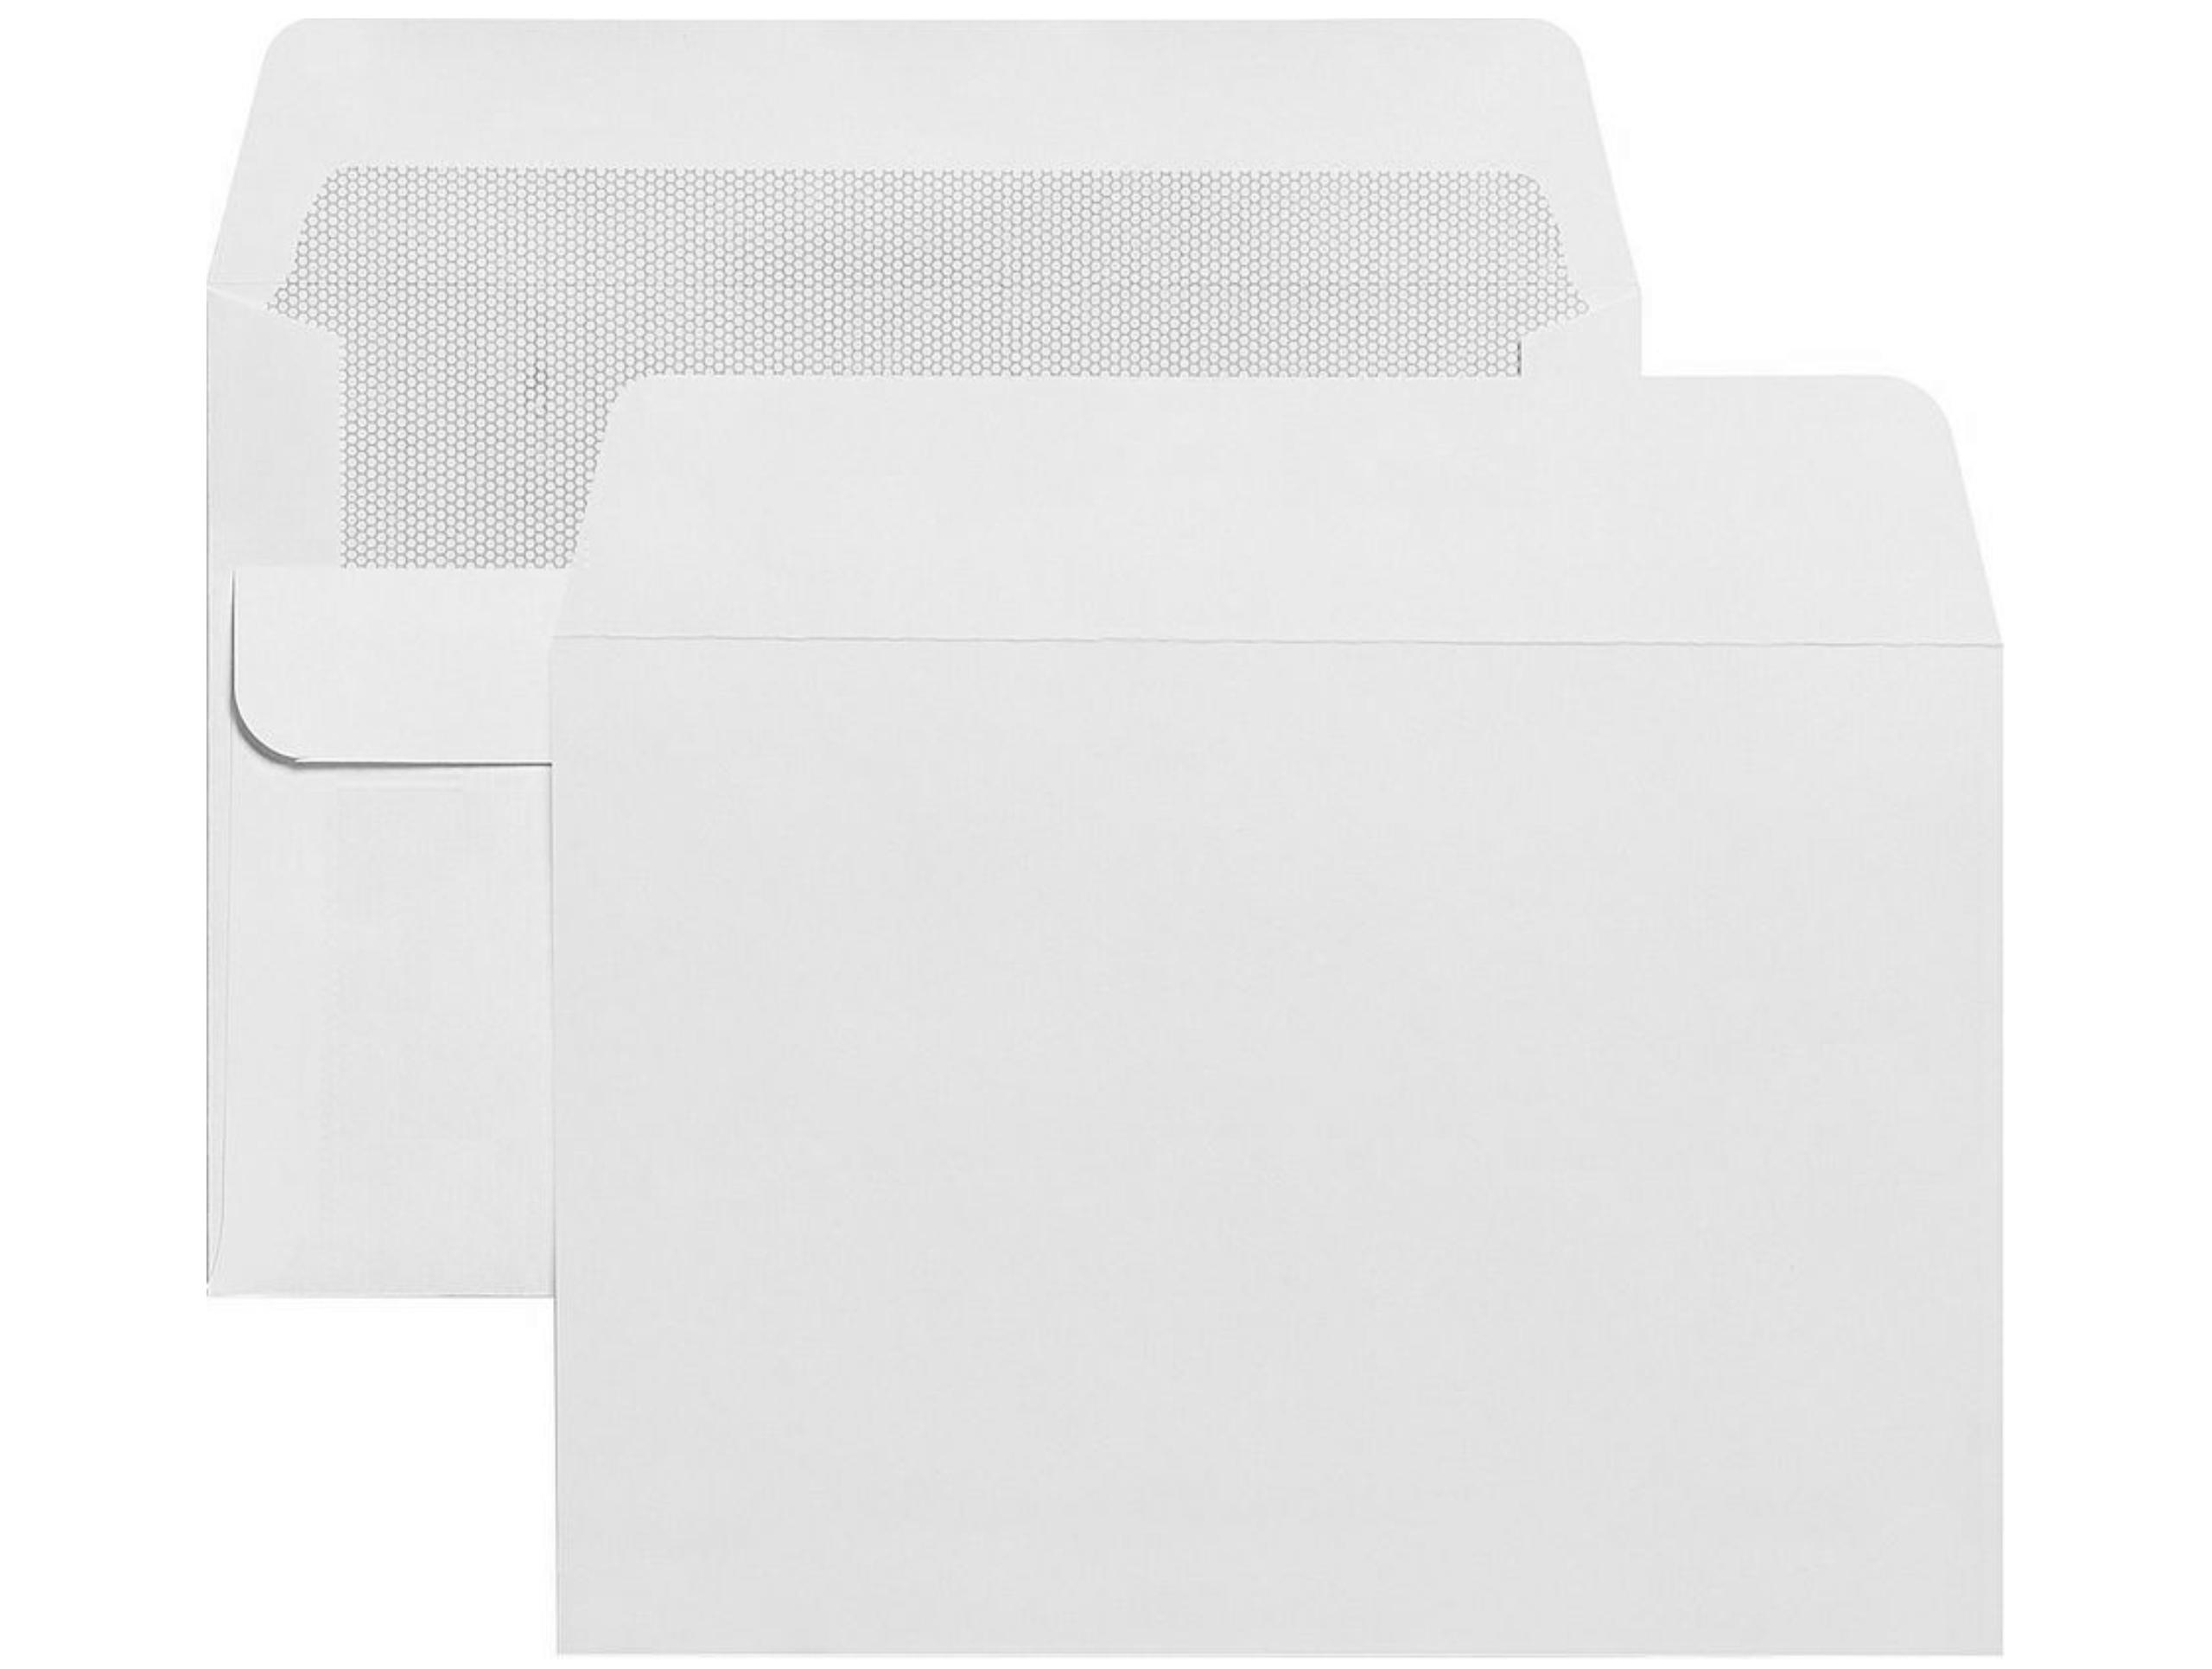 Koperty biurowe listowe C6 SK białe 50 sztuk